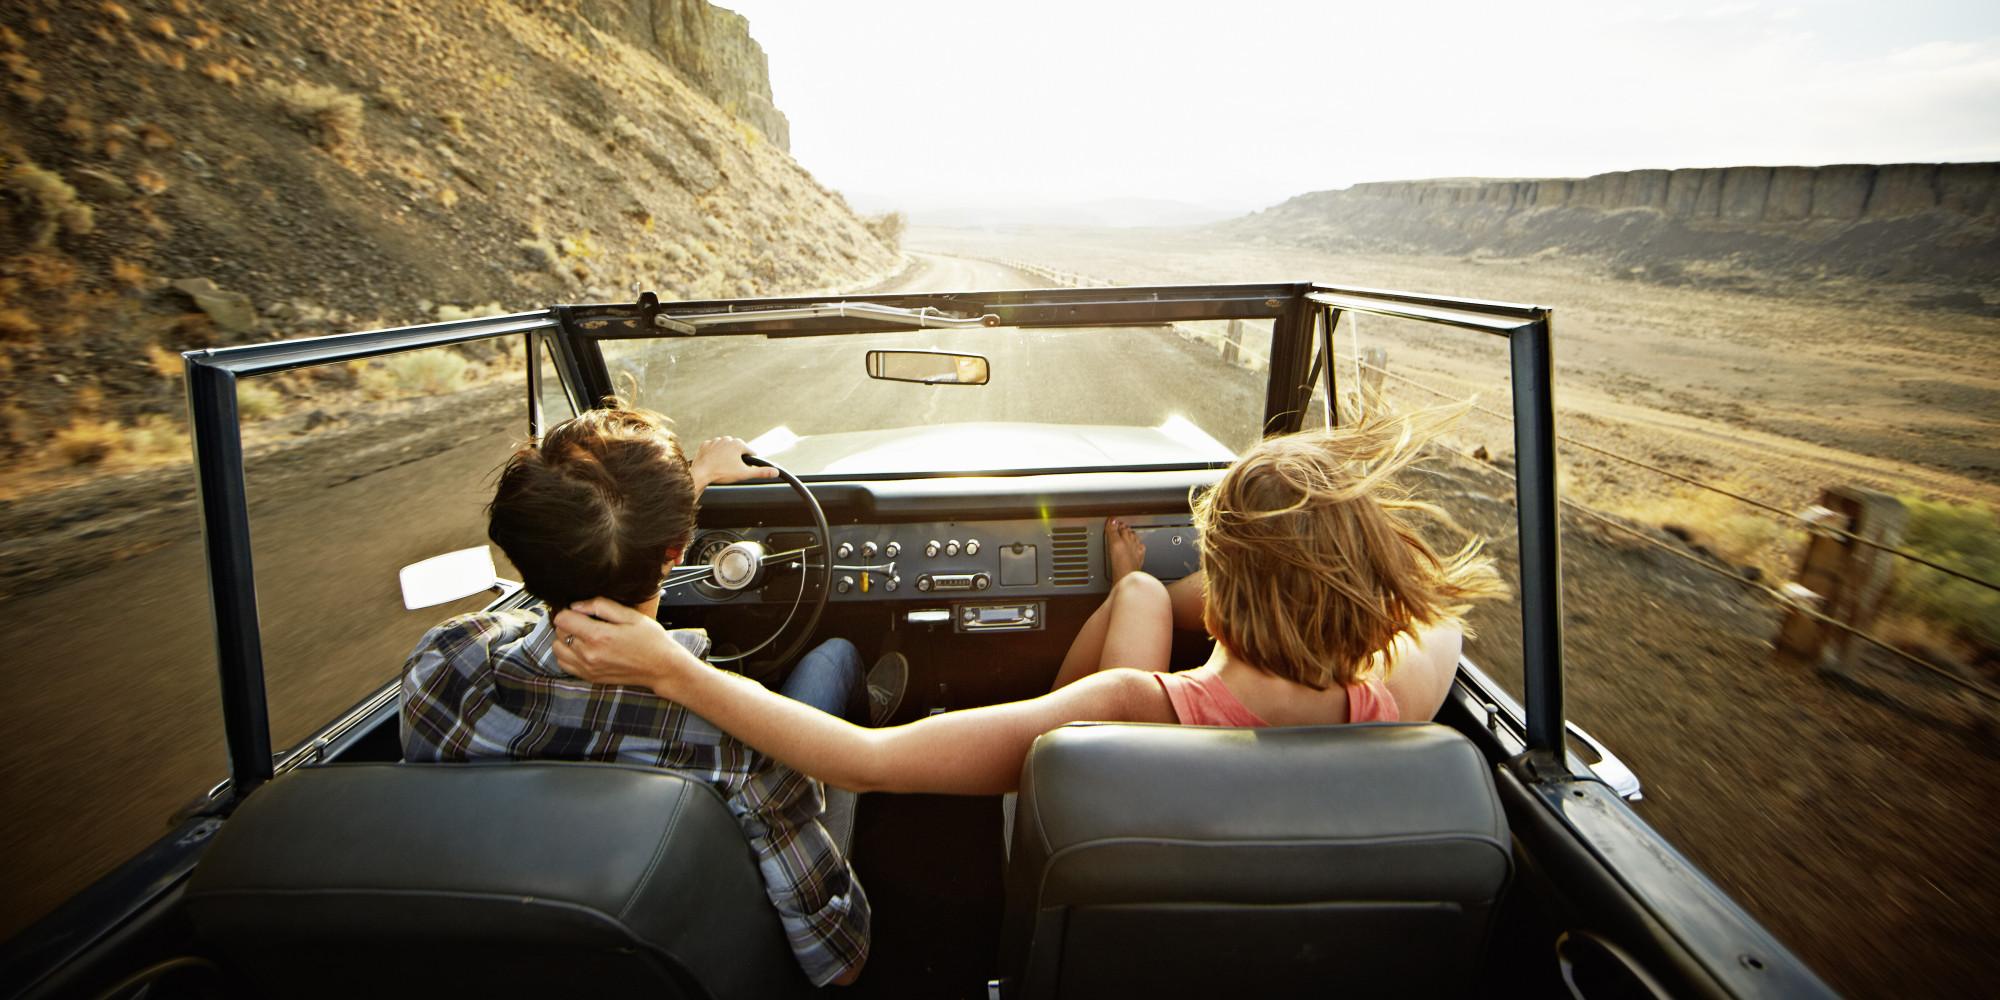 Seyahat Etmek İçin Geçerli Sebepler